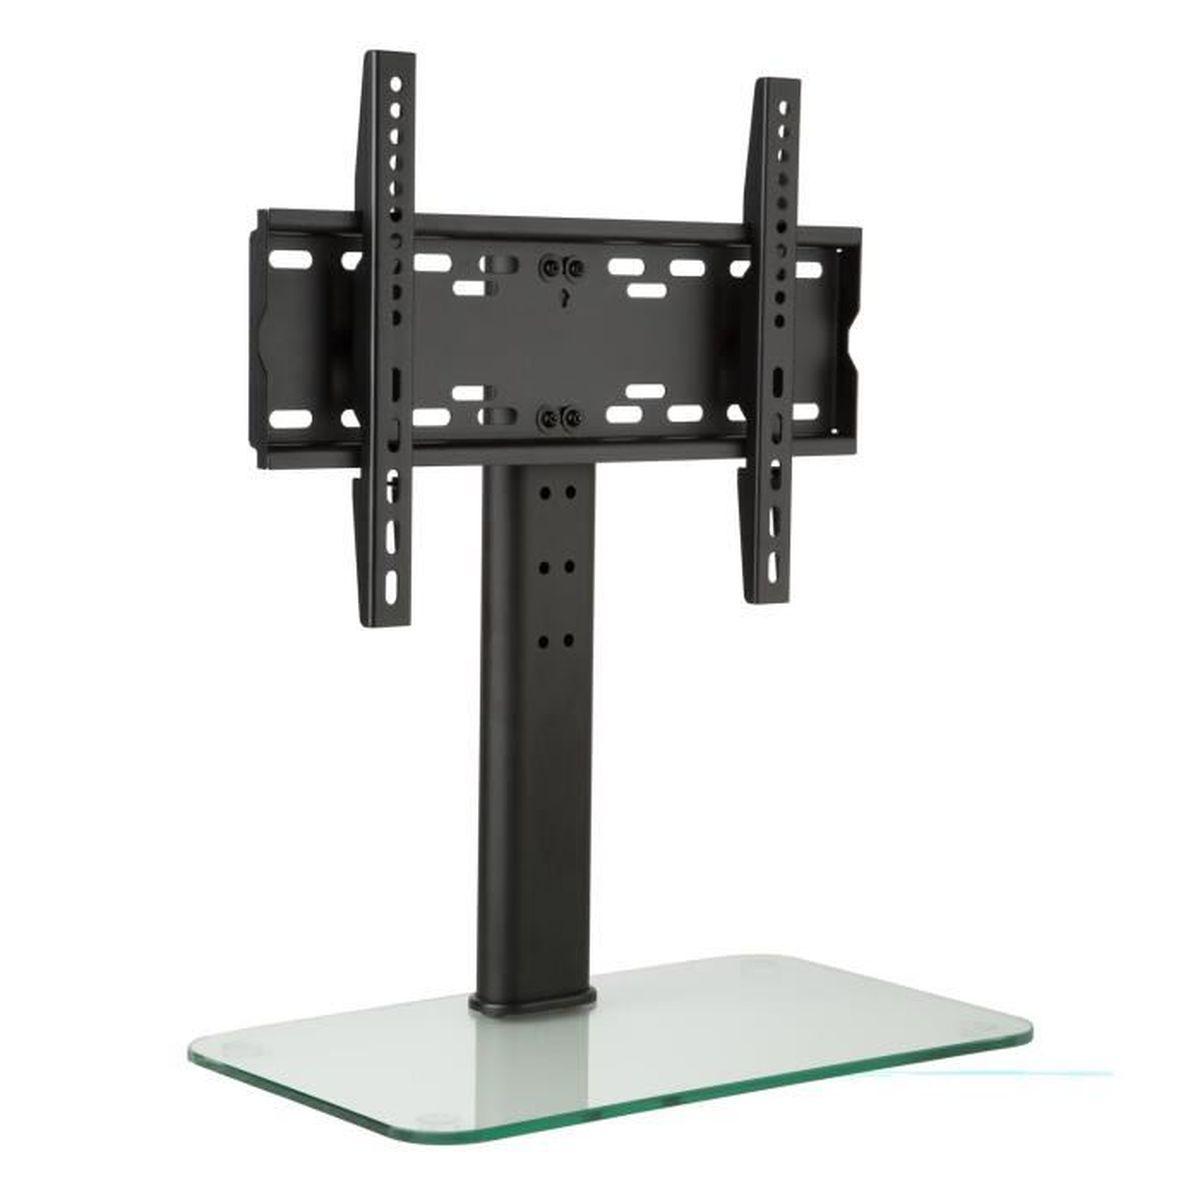 A Quelle Hauteur Mettre Une Tele Au Mur support tv reglable en hauteur